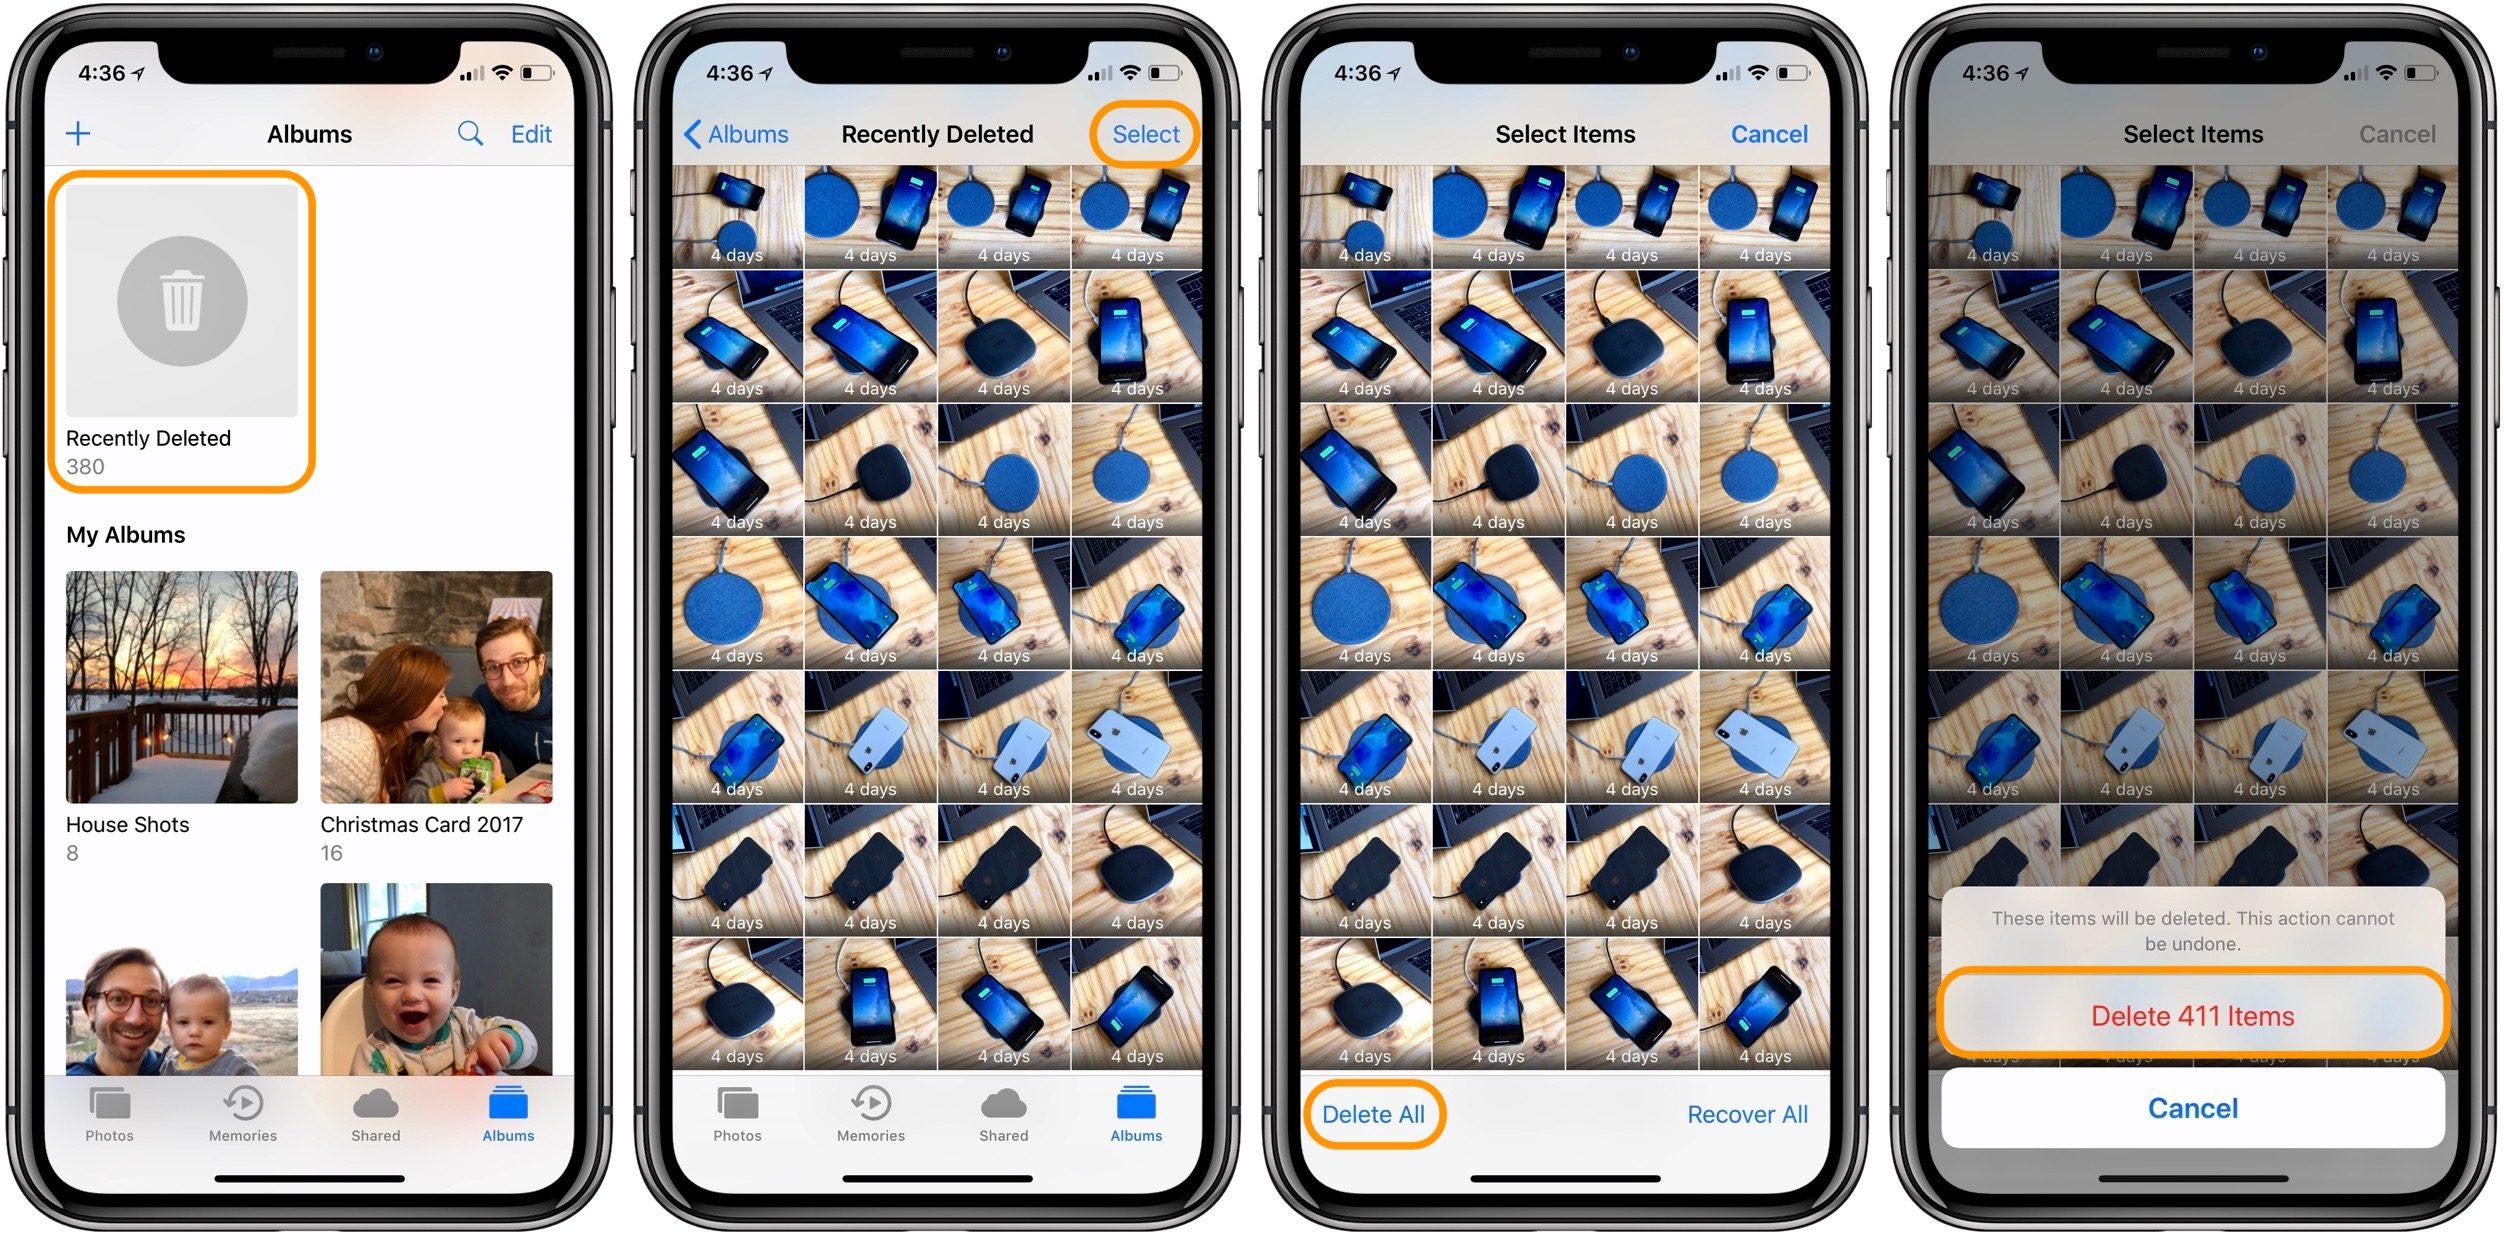 Cách xóa toàn bộ ảnh trên iPhone vĩnh viễn